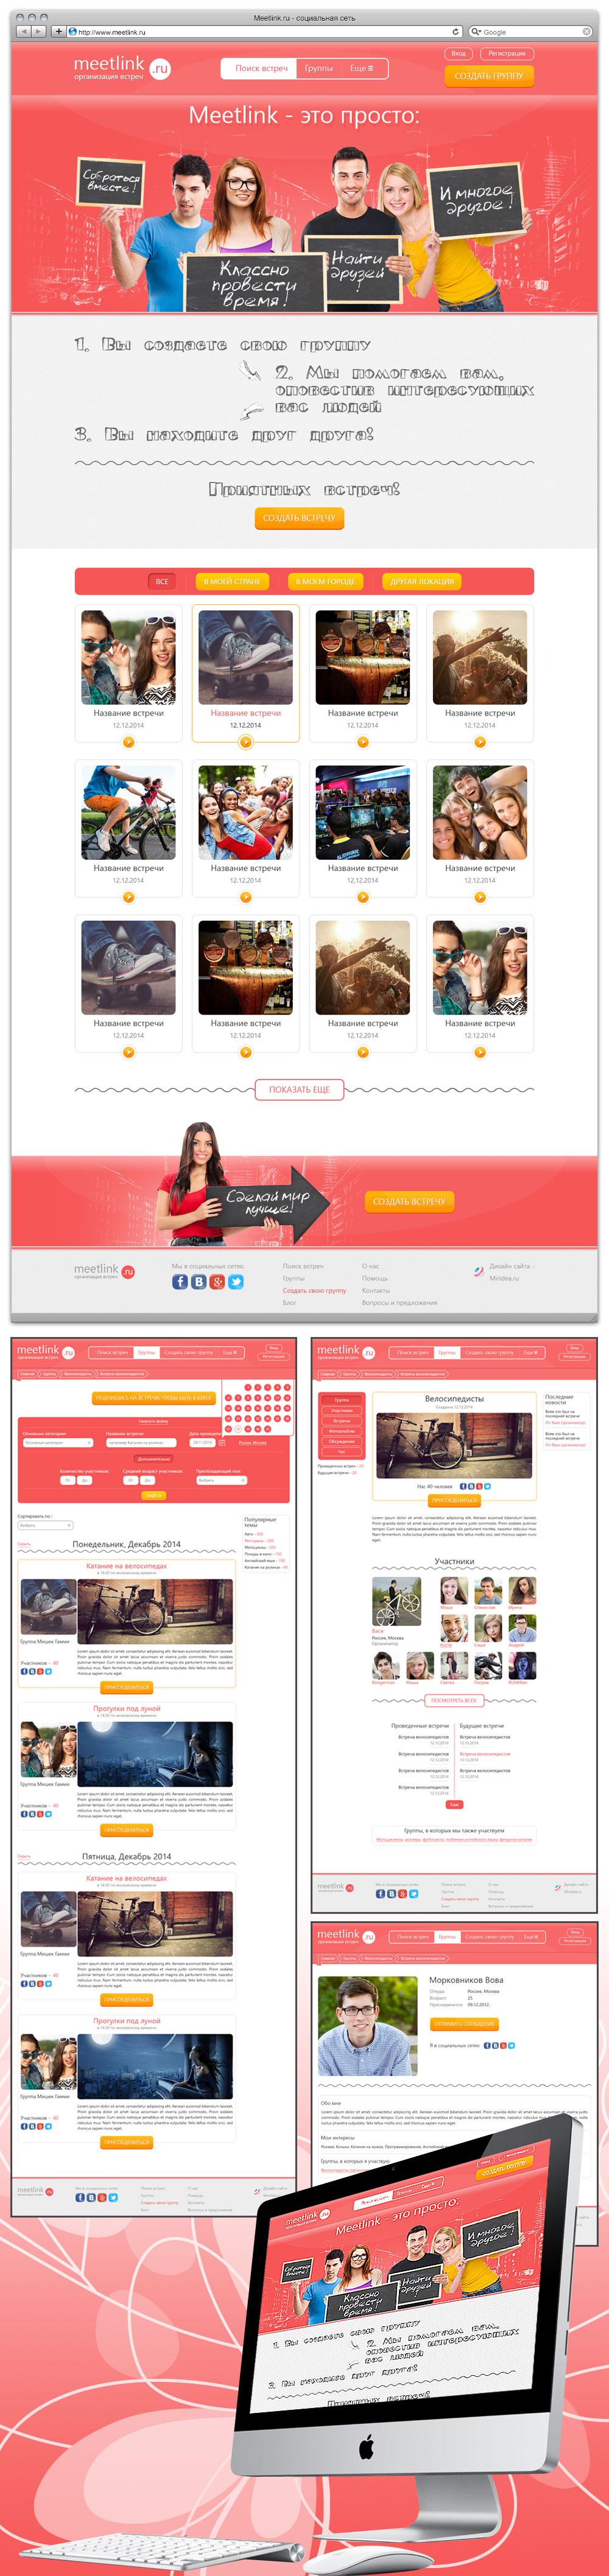 Meetlink - социальная сеть